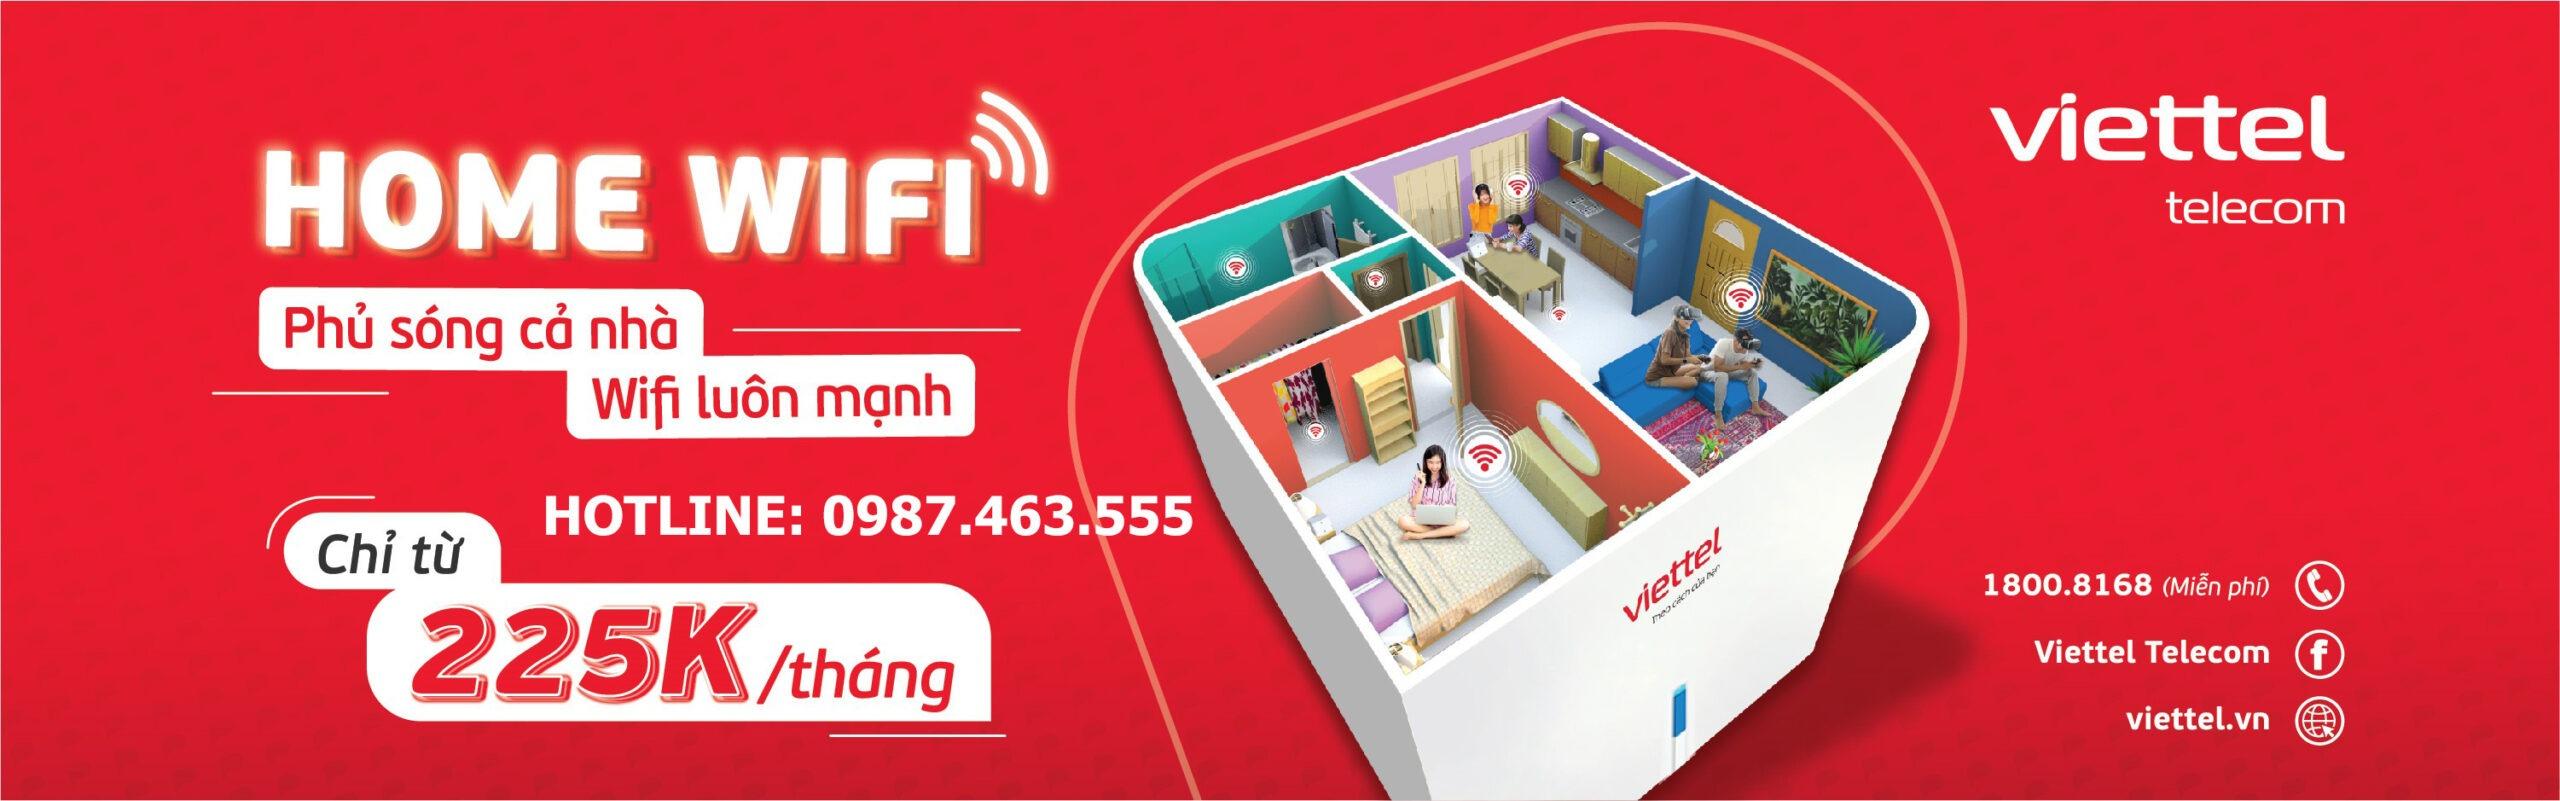 home-wifi-internet-viettel